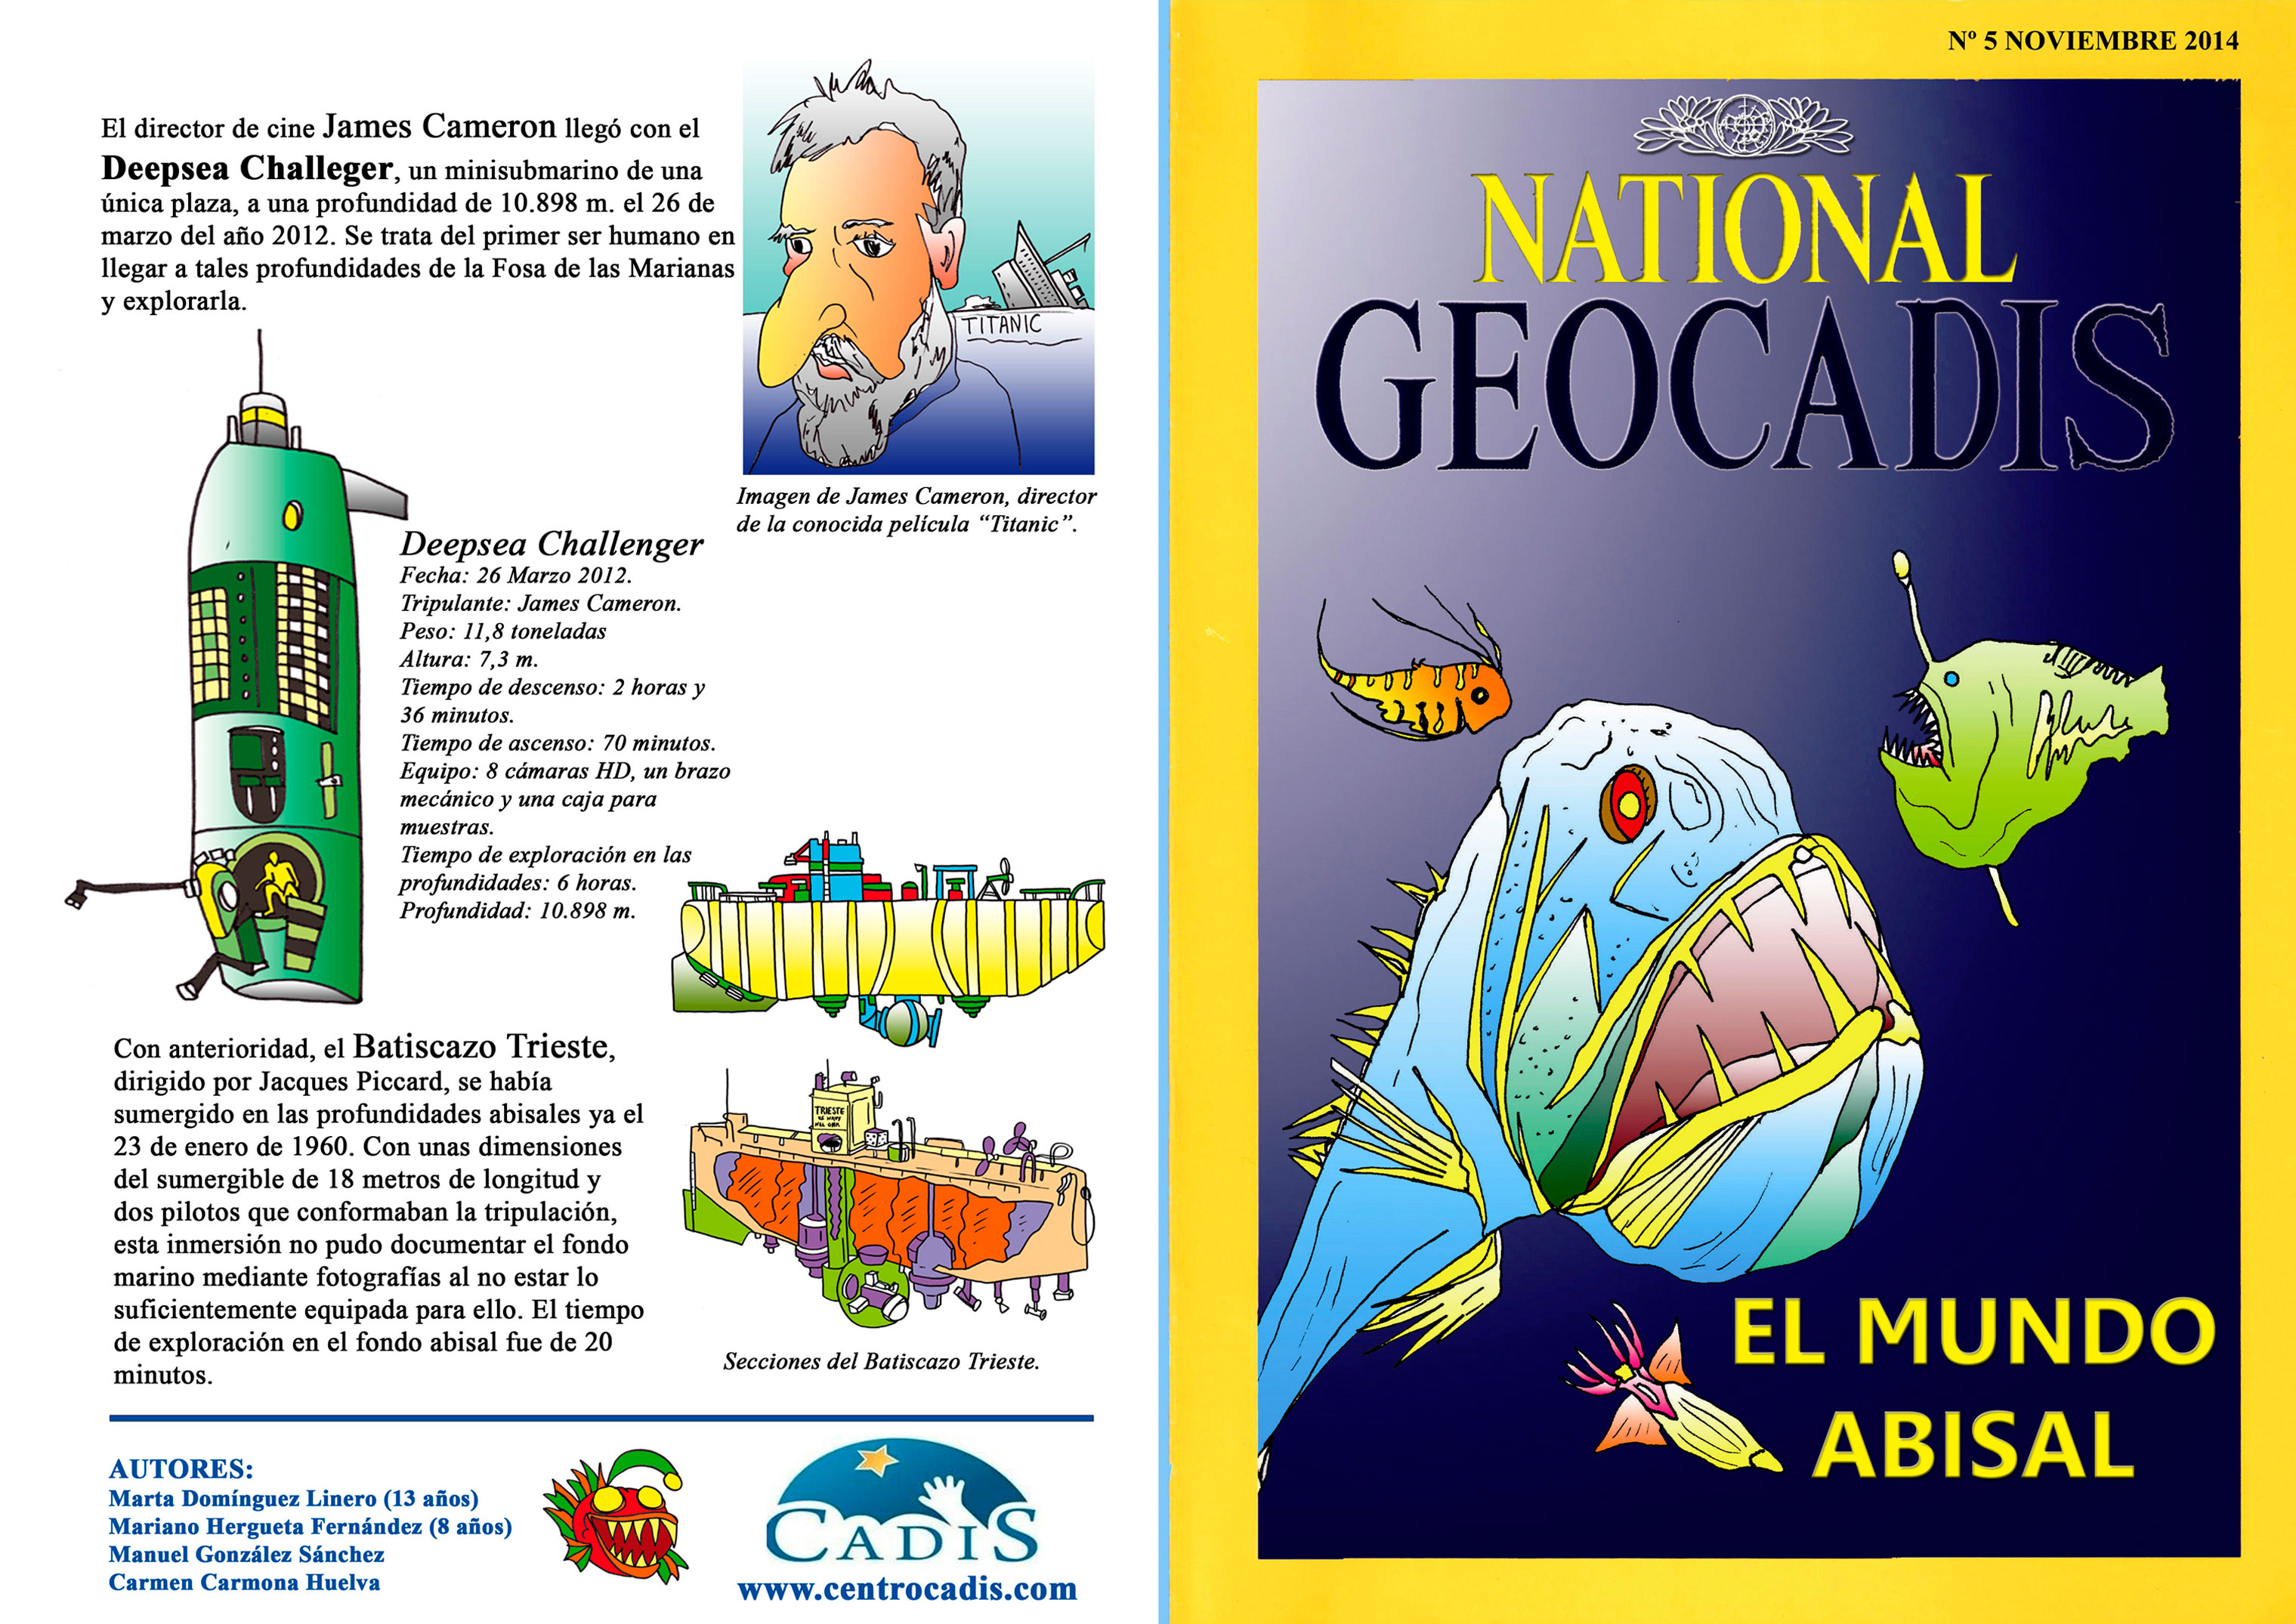 Exterior de la revista National Geocadis del Centro CADIS